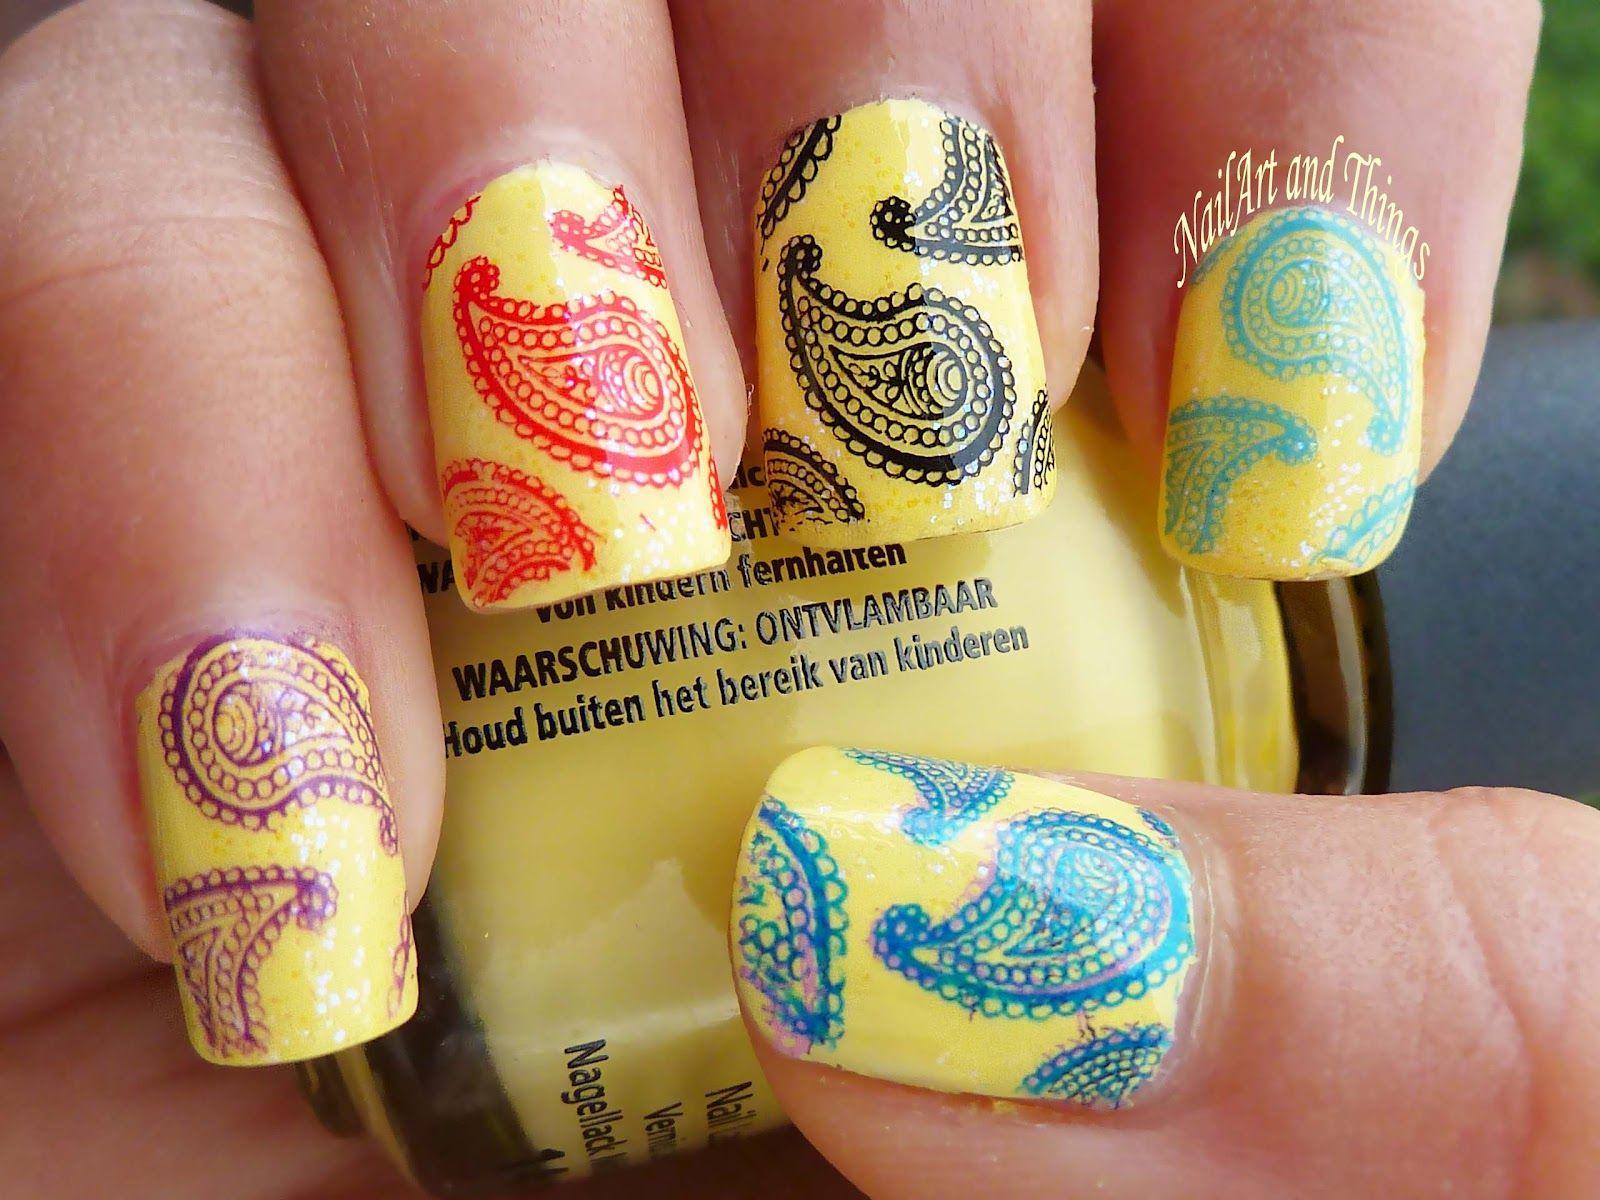 Hindu art nailart and things paisley print indian nail art hindu art nailart and things paisley print indian nail art prinsesfo Choice Image